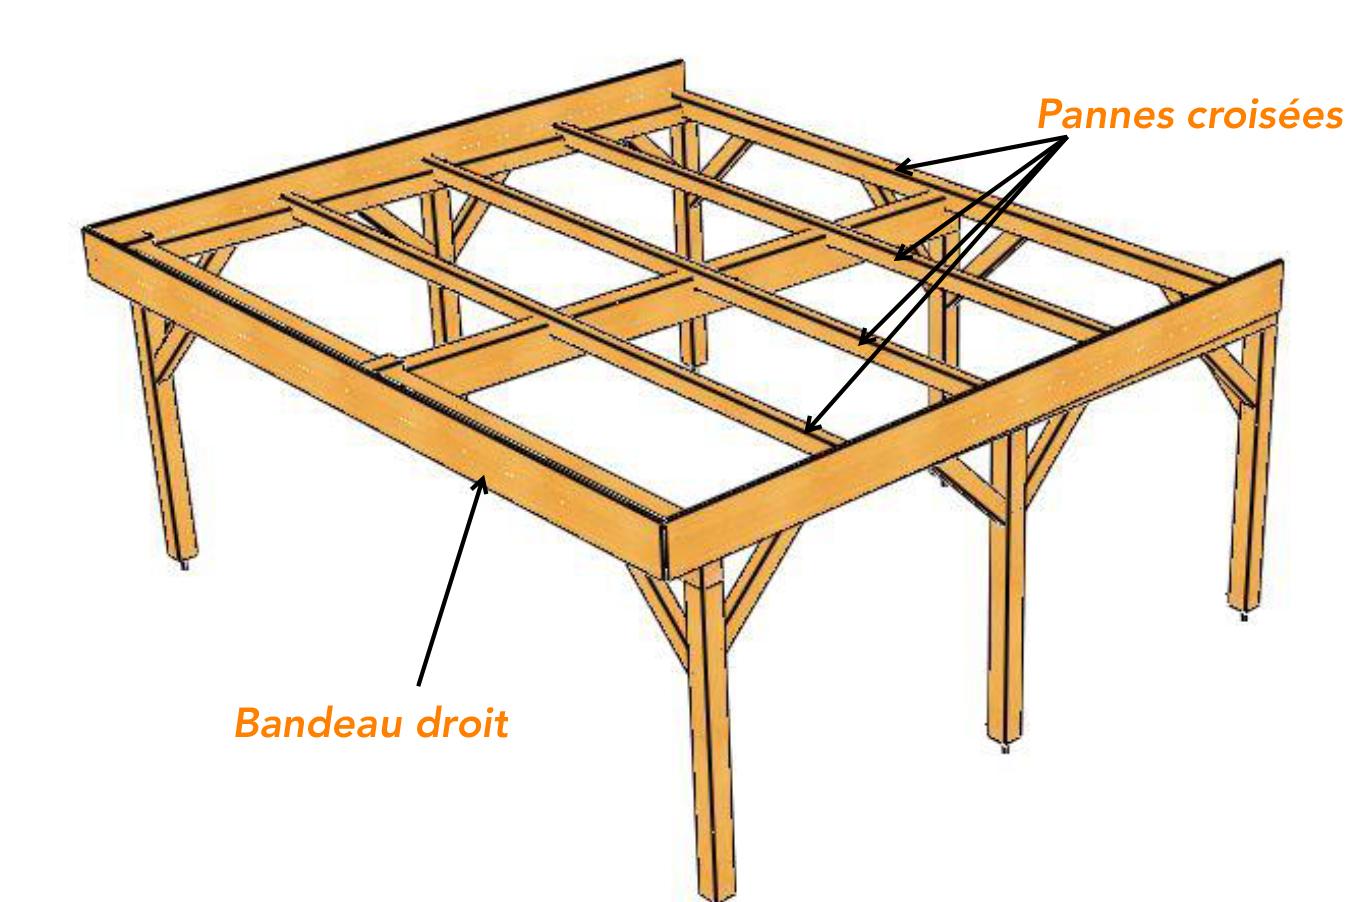 Charpente pour abri bois avec toit plat - vente en ligne d ...